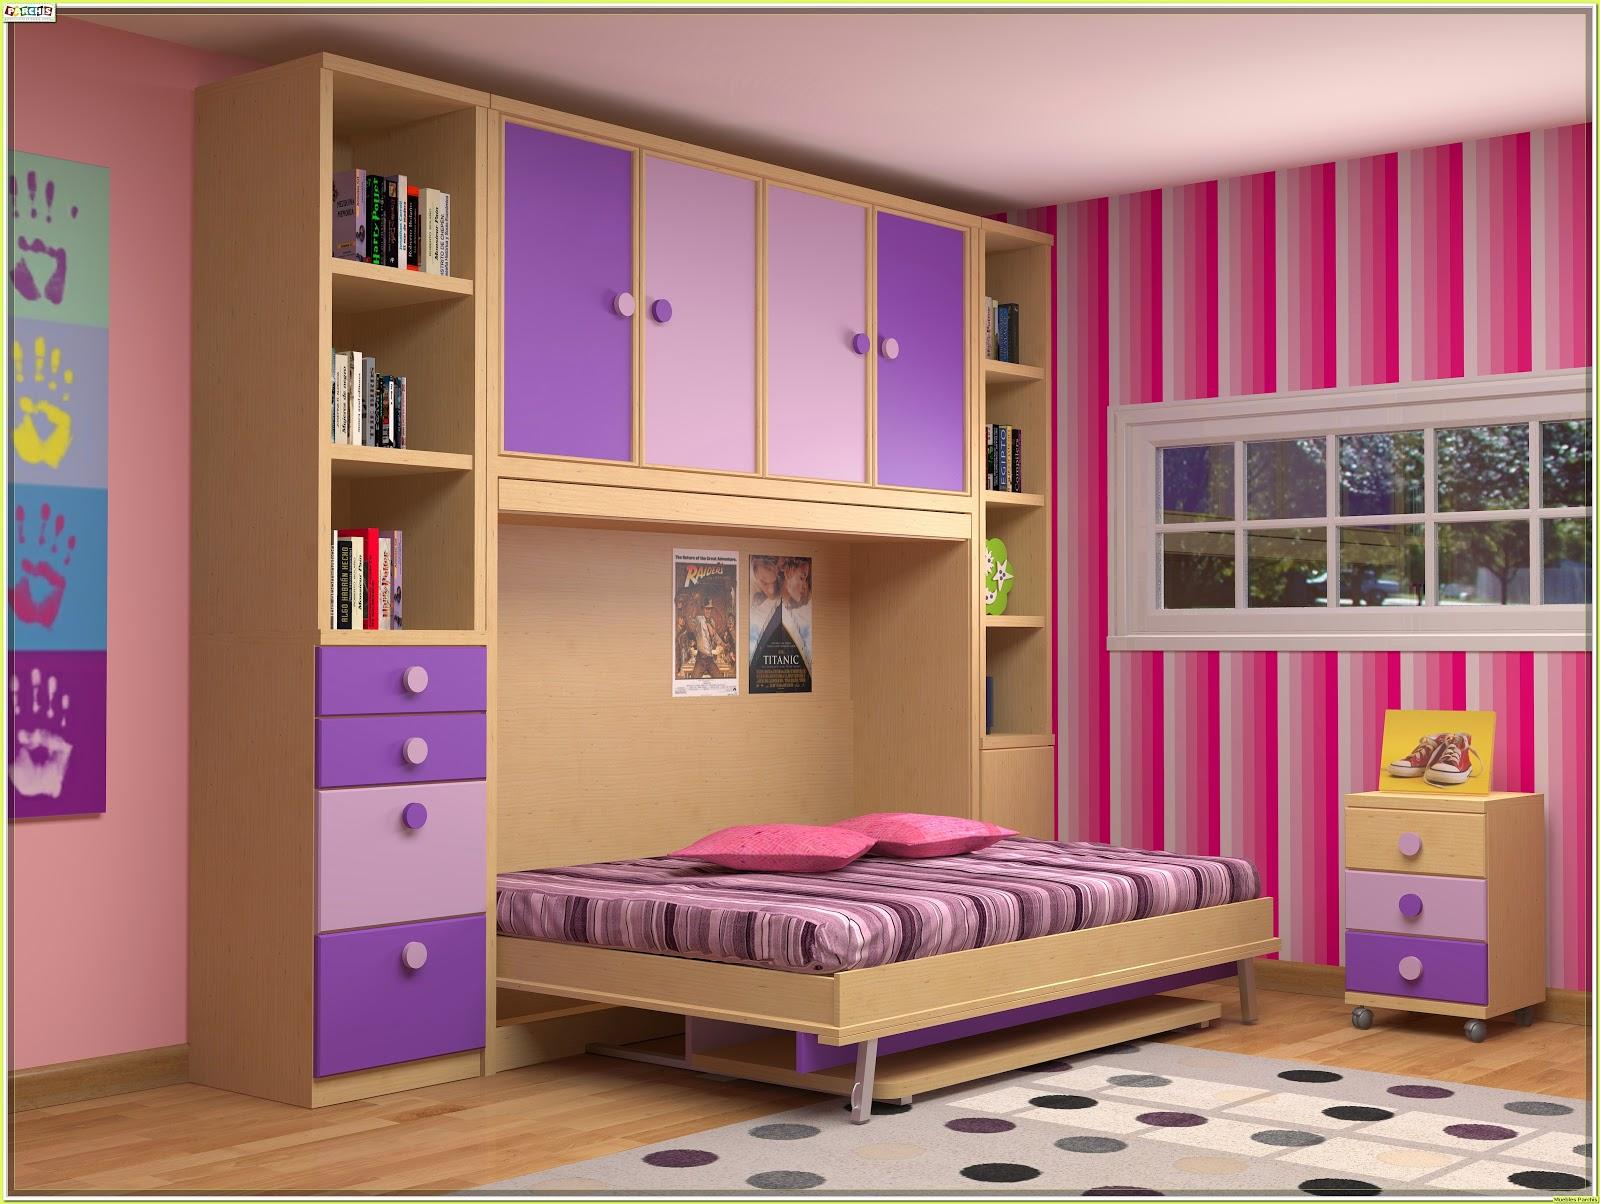 Muebles juveniles dormitorios infantiles y habitaciones juveniles en madrid camas abatibles - Habitaciones juveniles camas abatibles horizontales ...